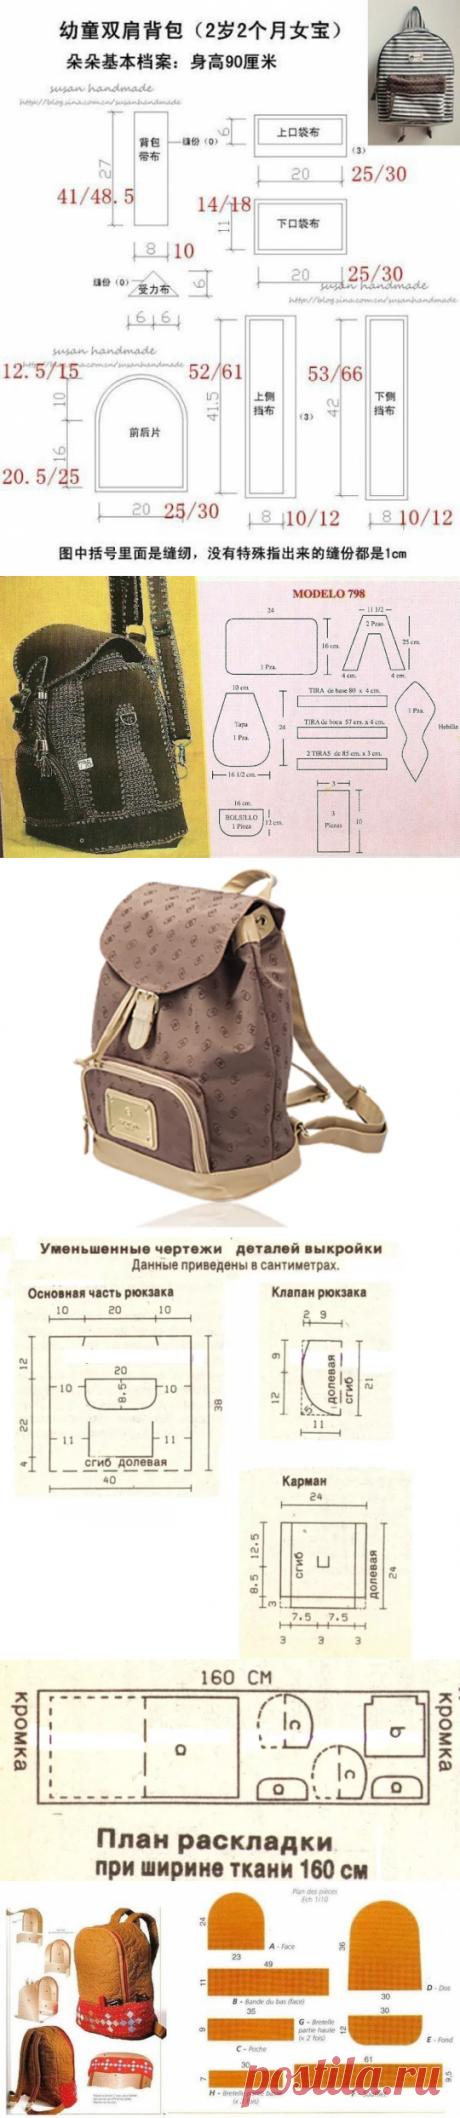 Рюкзак для подростка, а может для бабушки? Уникальная сумка на любой возраст - выкройки и шаблоны!   Юлия Жданова   Яндекс Дзен